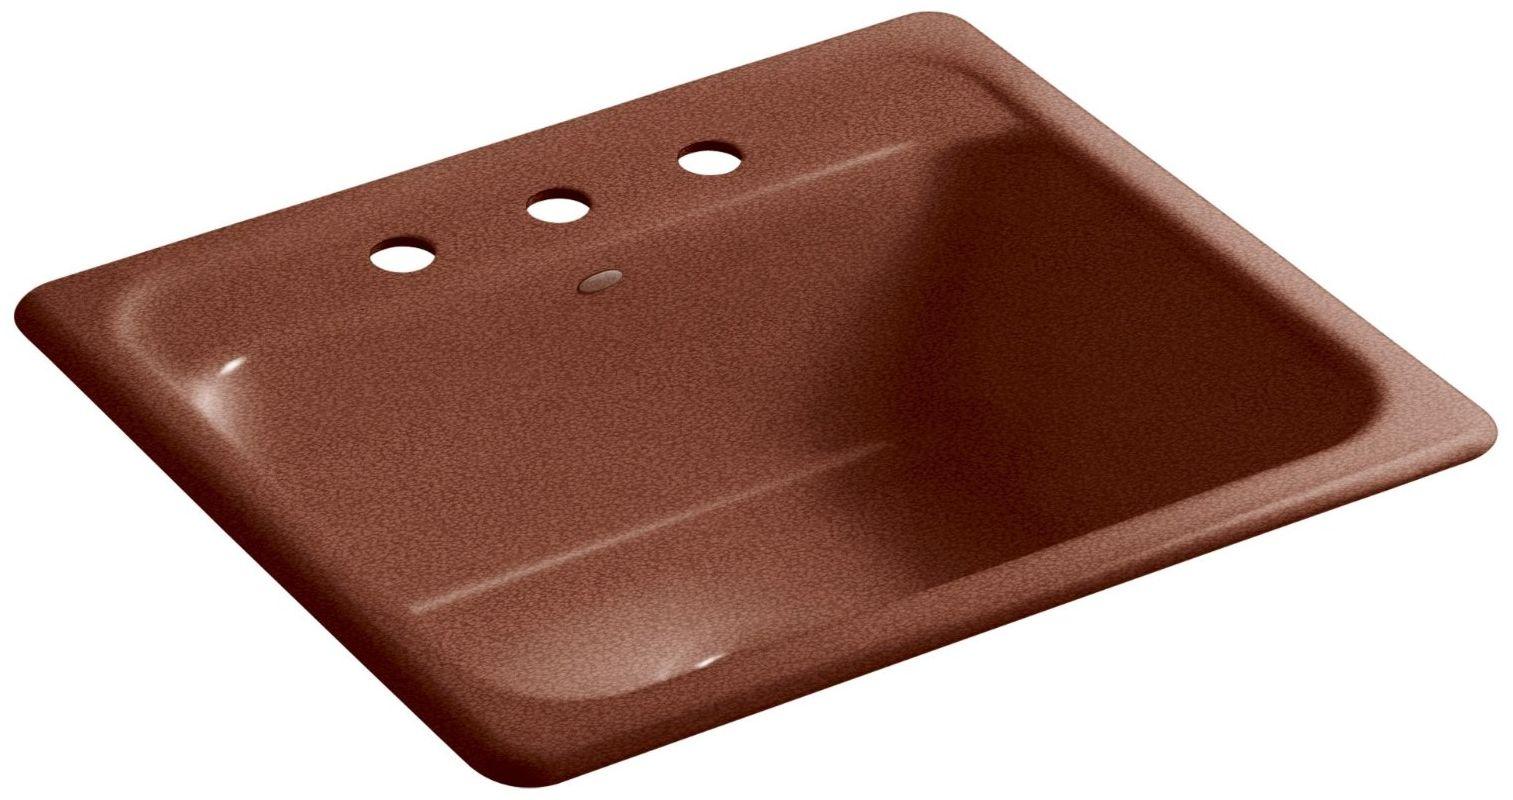 Faucet Com K 5964 3 Rr In Ember By Kohler